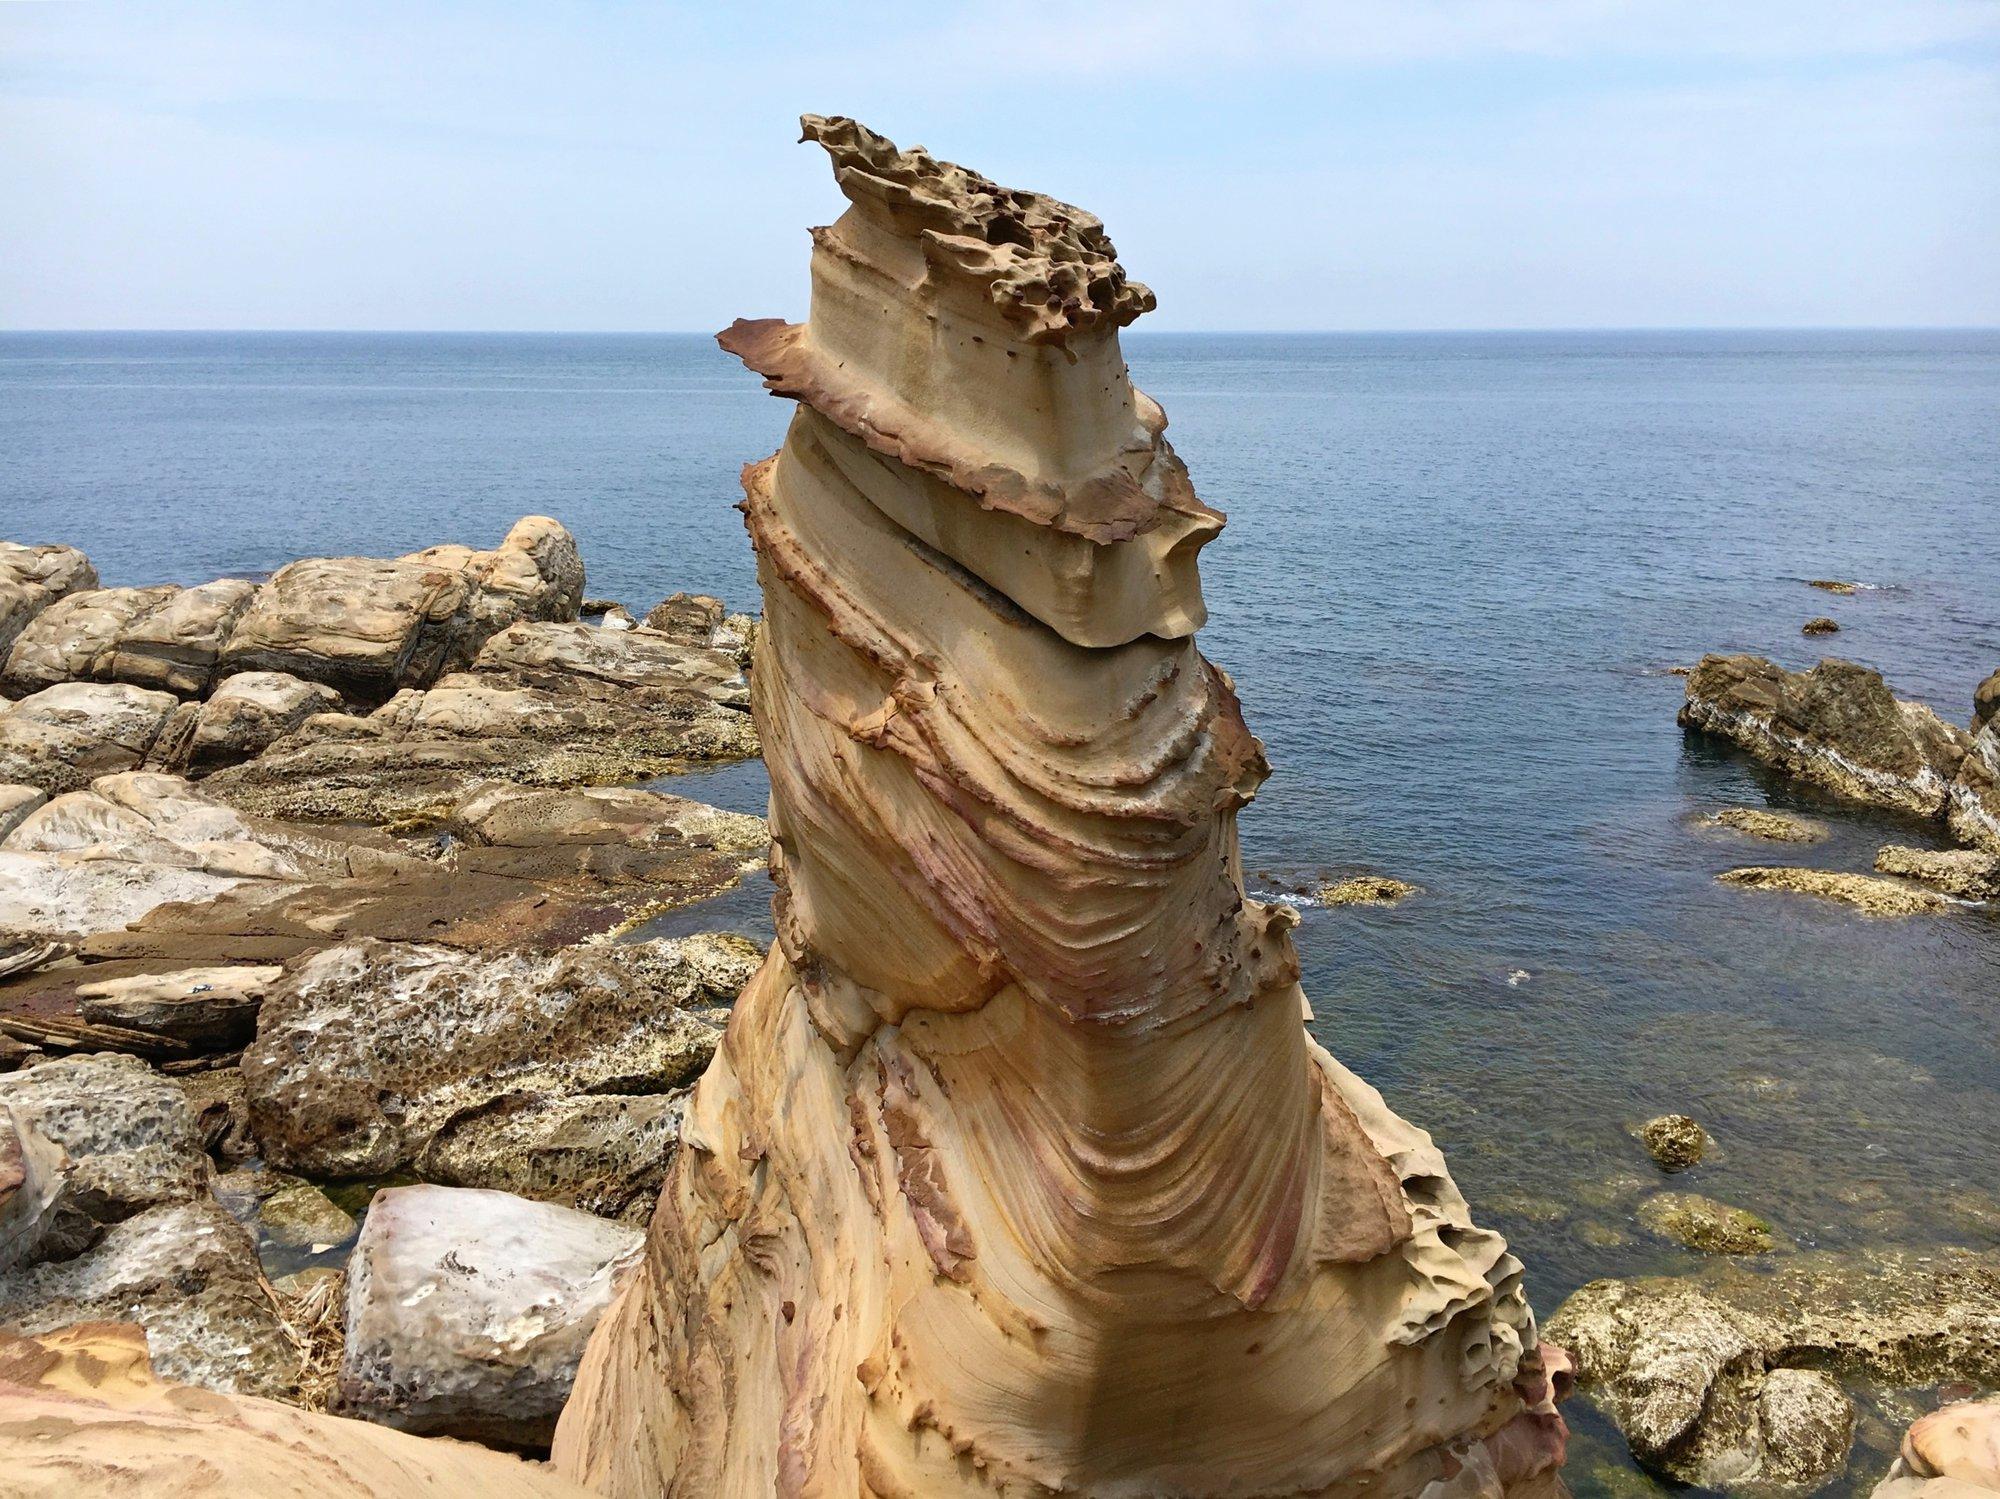 vlivem eroze vznikají i takové krásy, které jsou k vidění v Nanya Rock formation